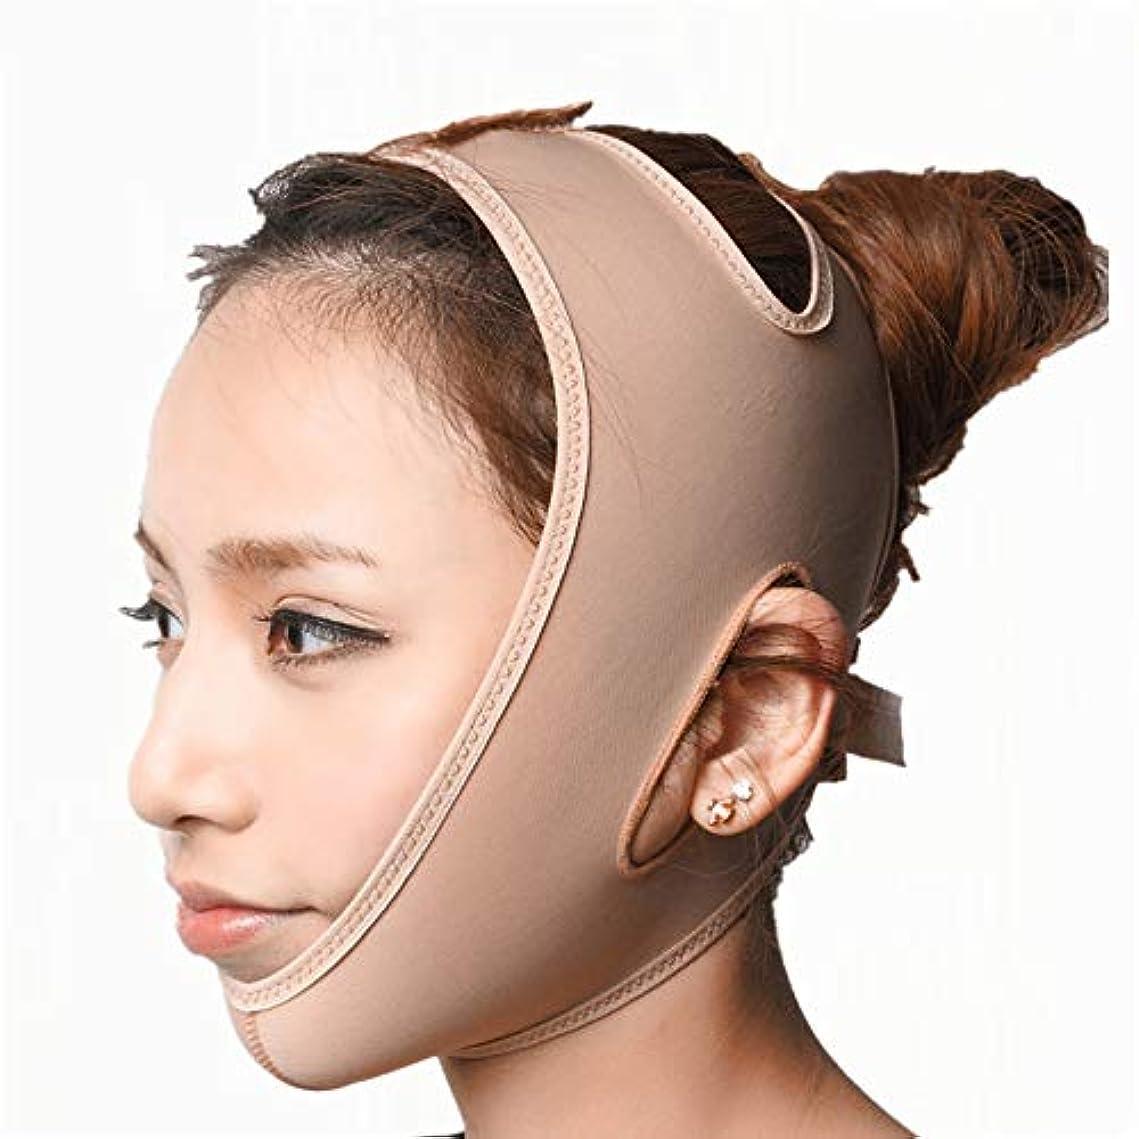 おコーヒーこどもの宮殿GYZ 顔の持ち上がる痩身ベルト - アンチエイジングリンクルフェイスマスクベルトシンフェイス包帯整形マスクは顔と首を締めますフェイススリム Thin Face Belt (Size : XL)